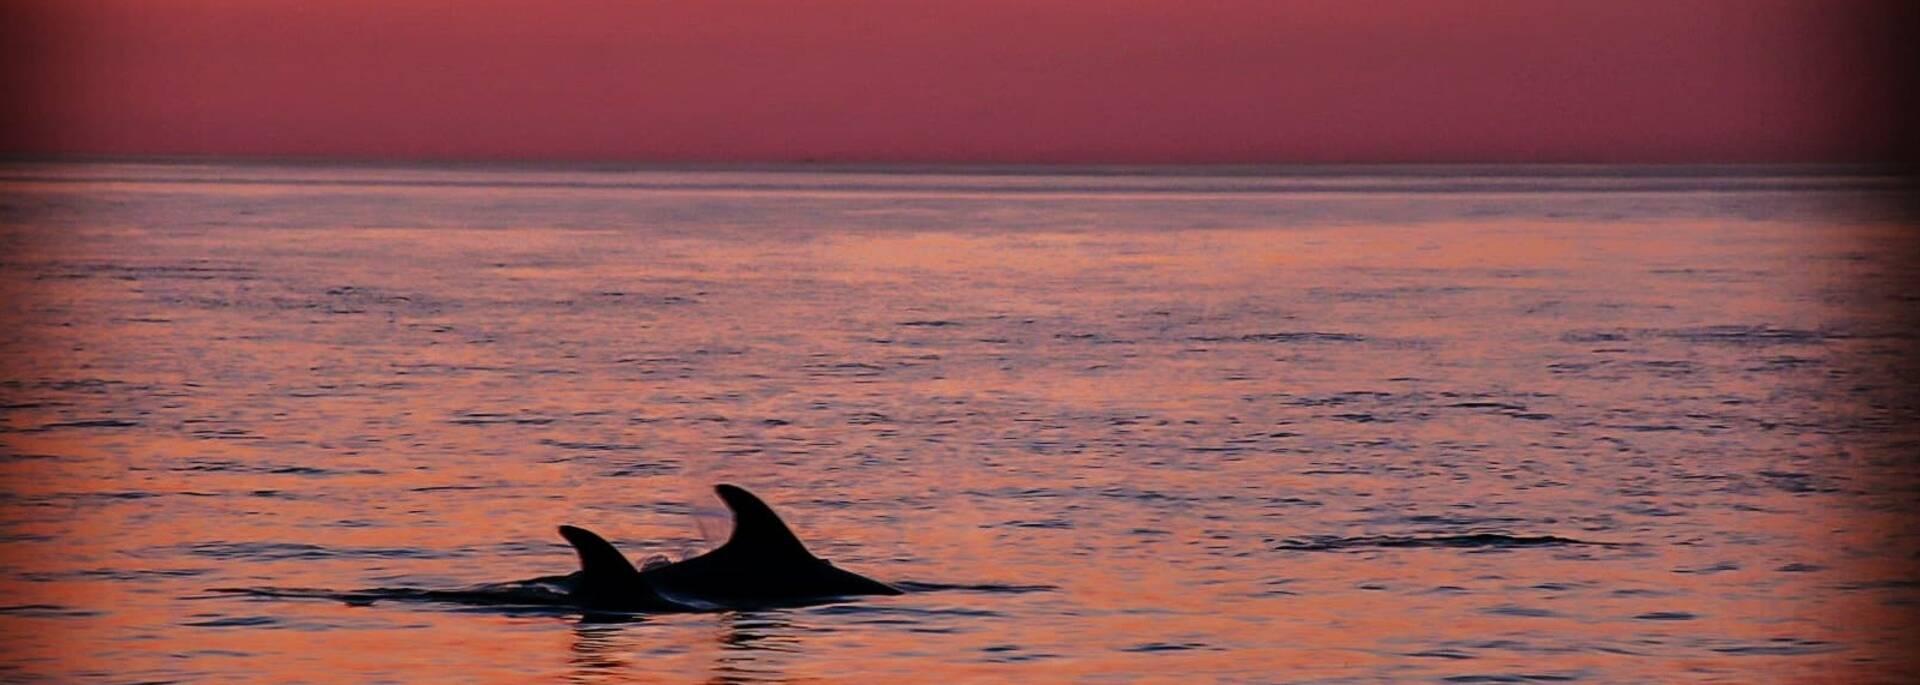 Dauphins au large de l'île d'Oléron - ©Sabia's Pictures